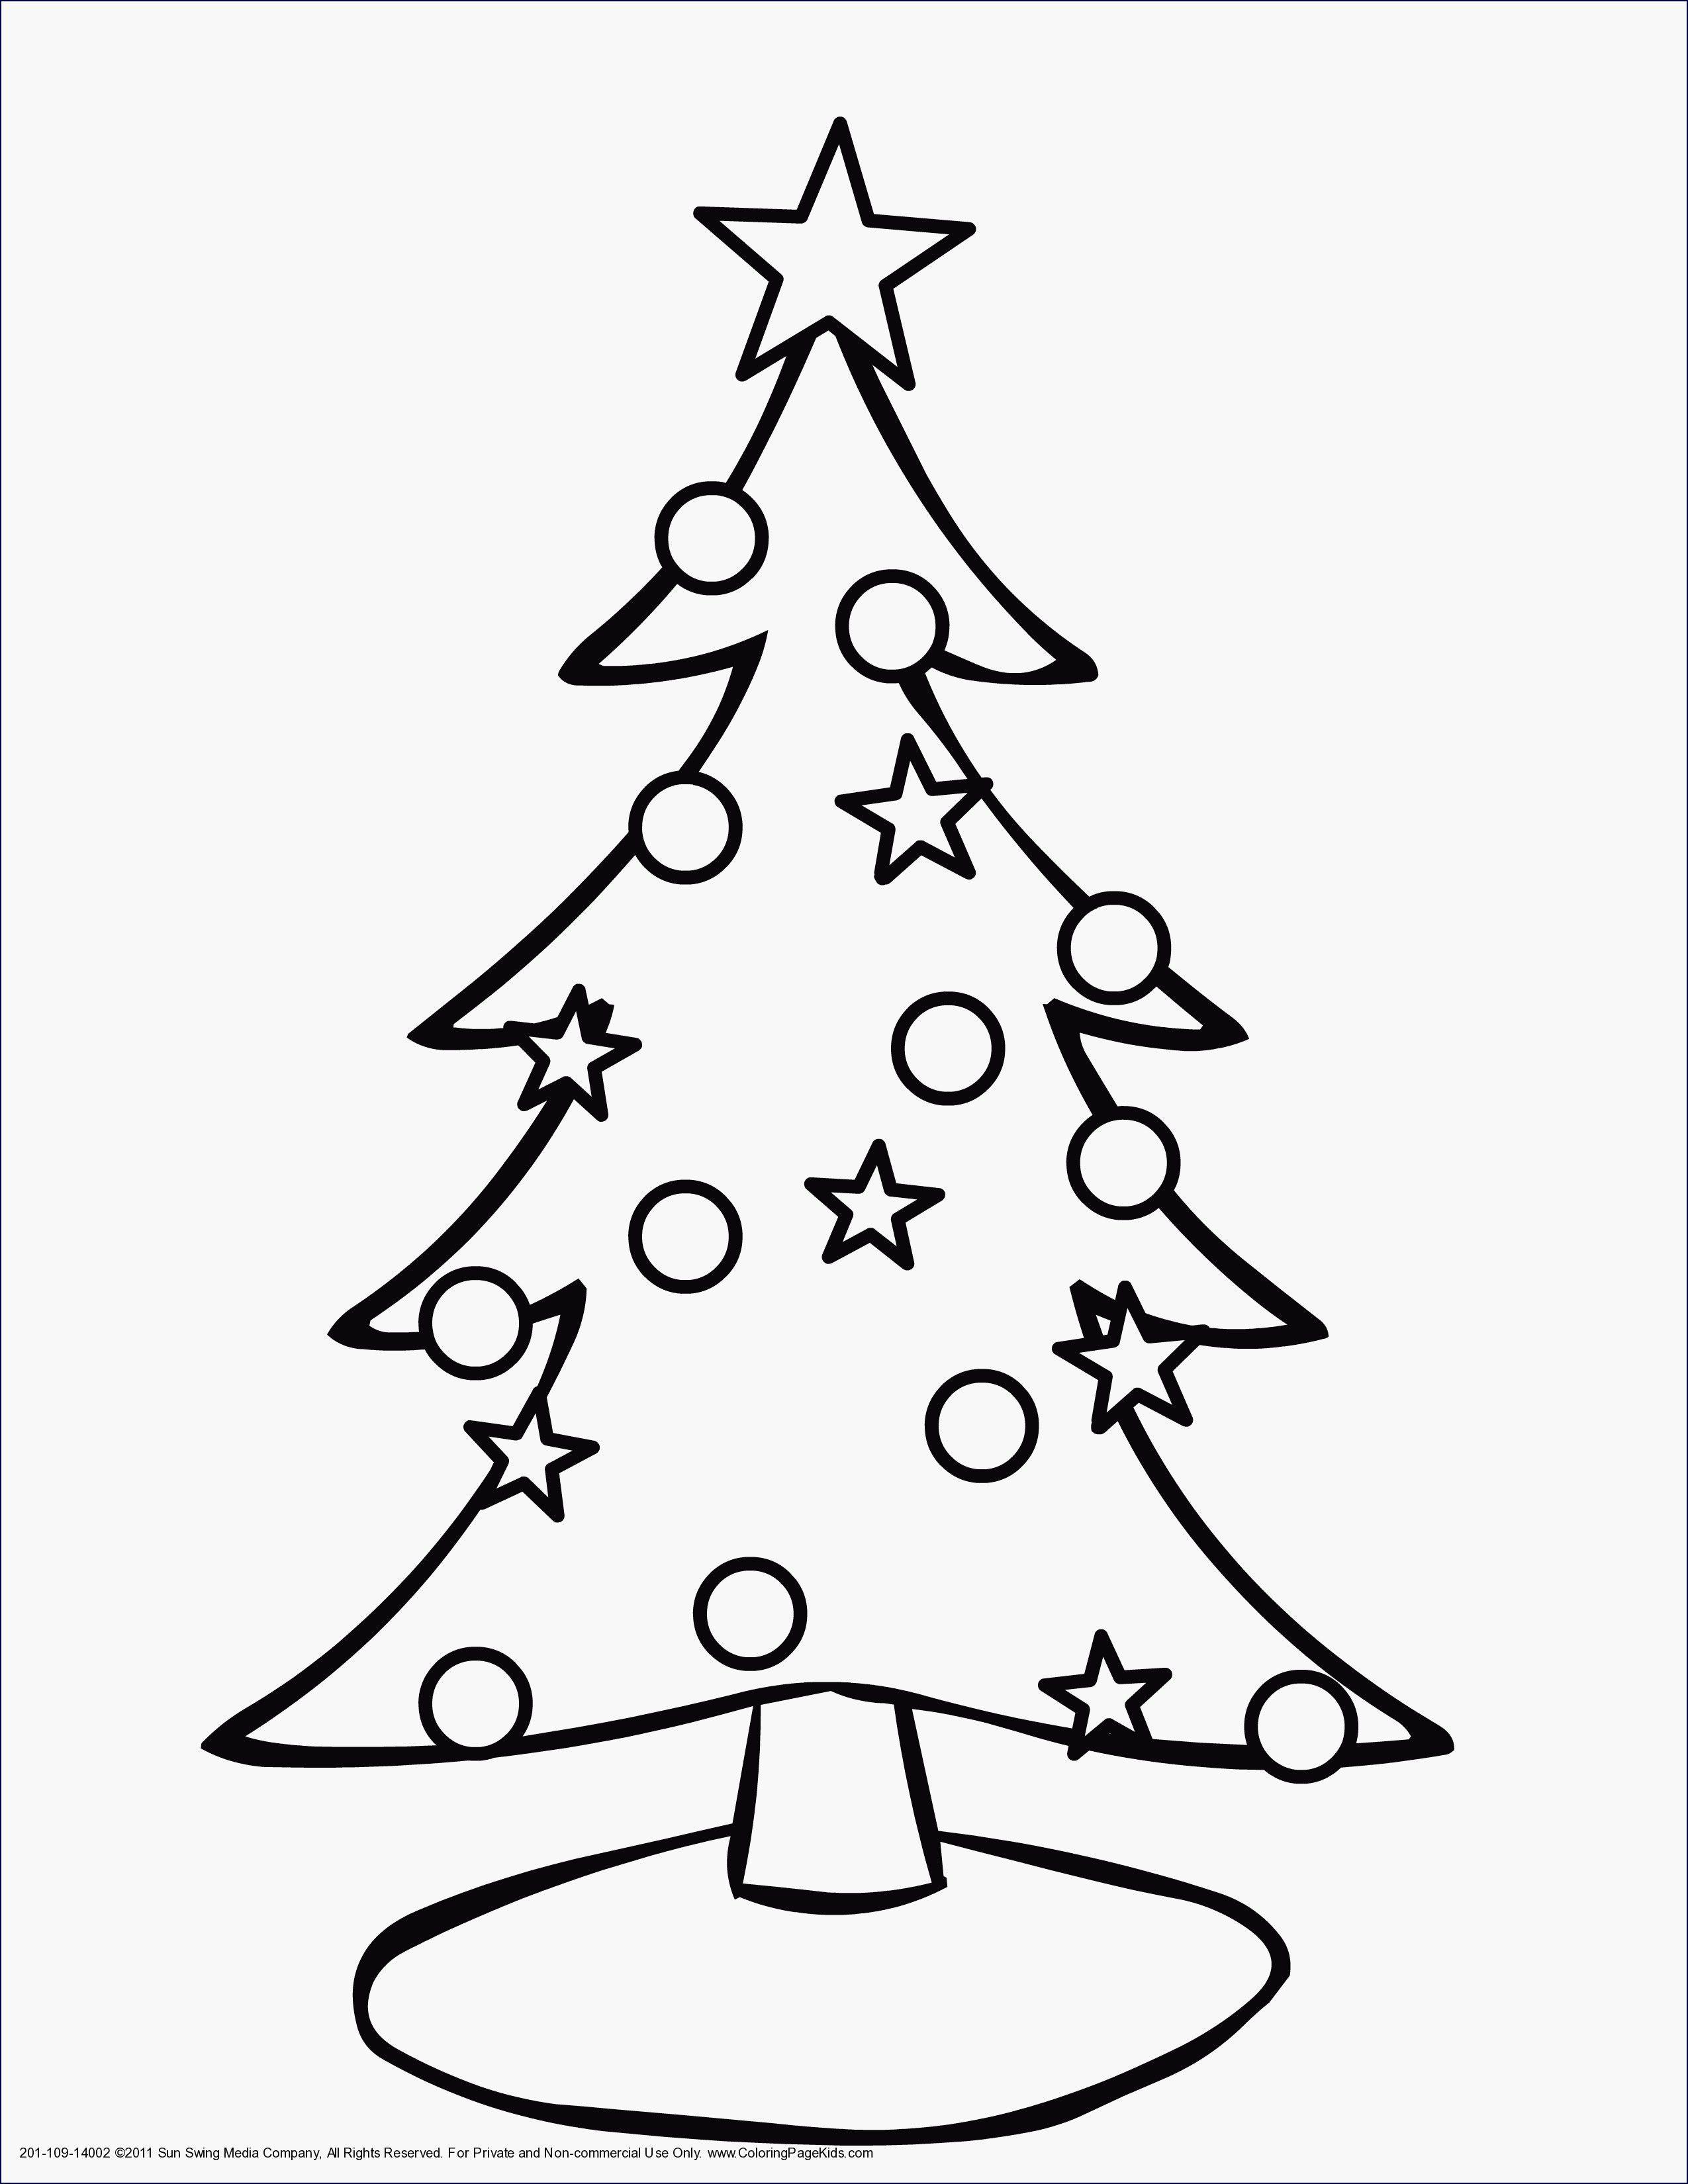 Tannenbaum Ausmalbilder Unique Malvorlage Weihnachtsbaum Weihnachtsbaum Vorlage Malvorlage Tannenbaum Bunter Weihnachtsbaum